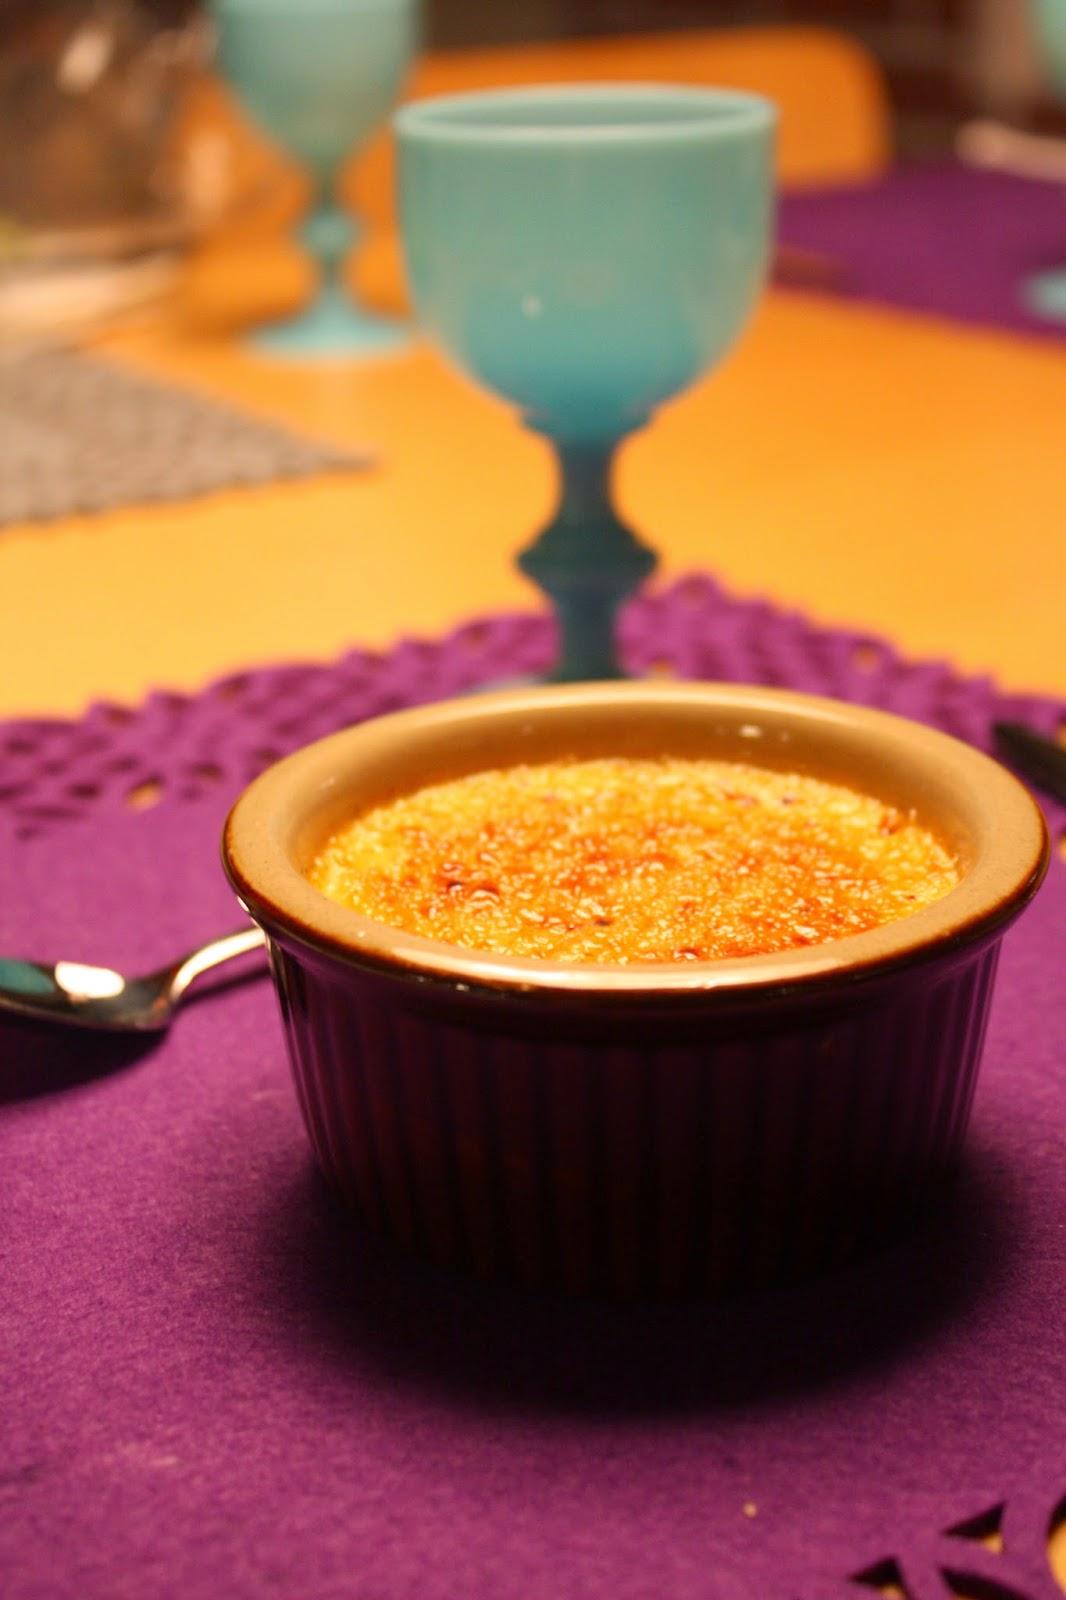 creme brulee ranska ranskalainen jälkiruoka poltettu kerma ranska laventeli